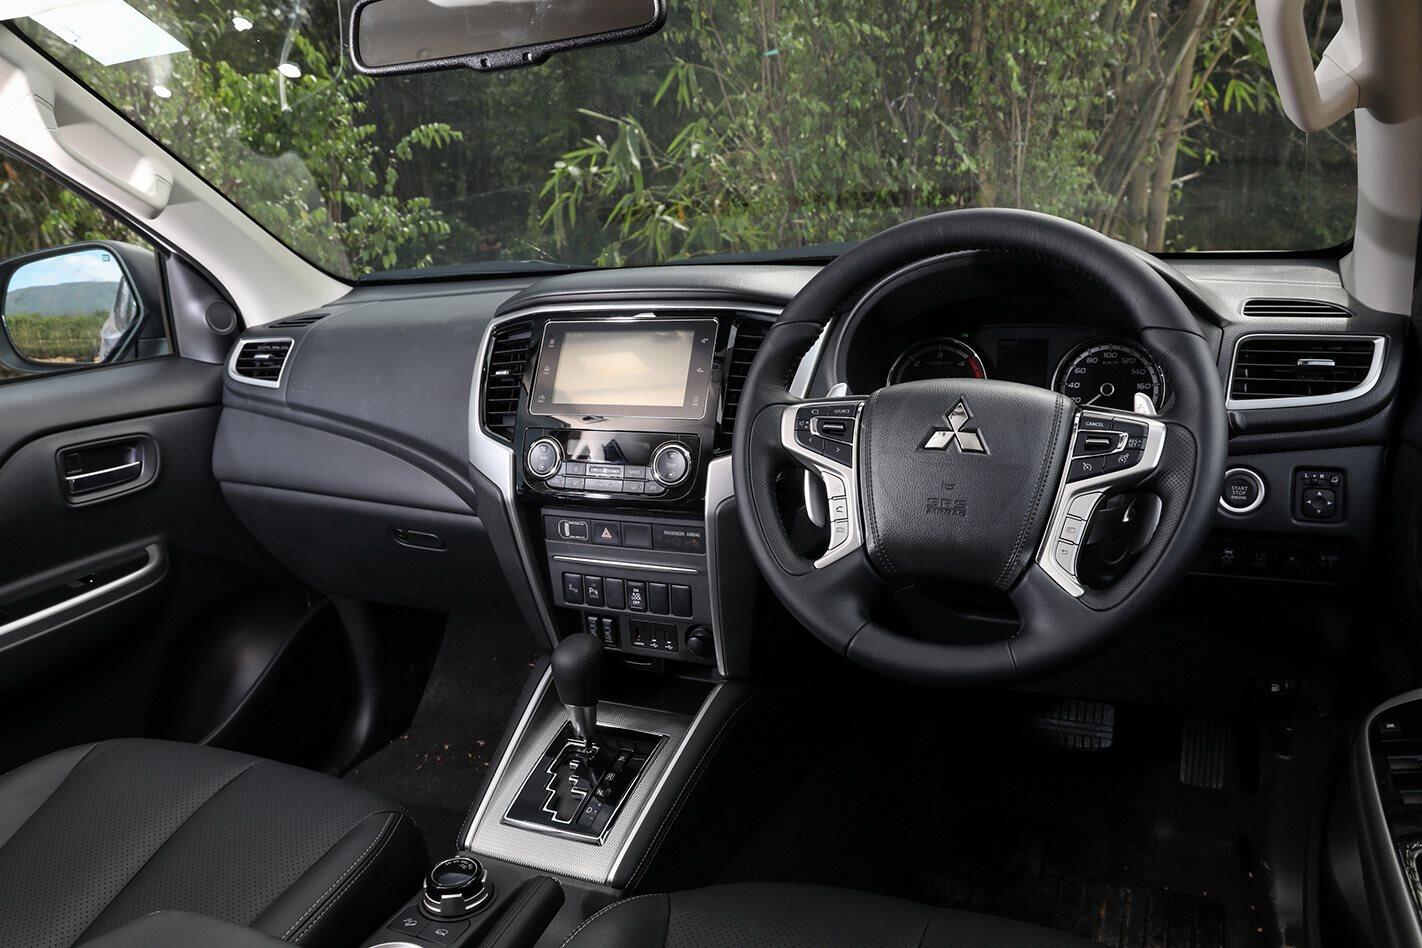 Mitsubishi Triton 2019 interior